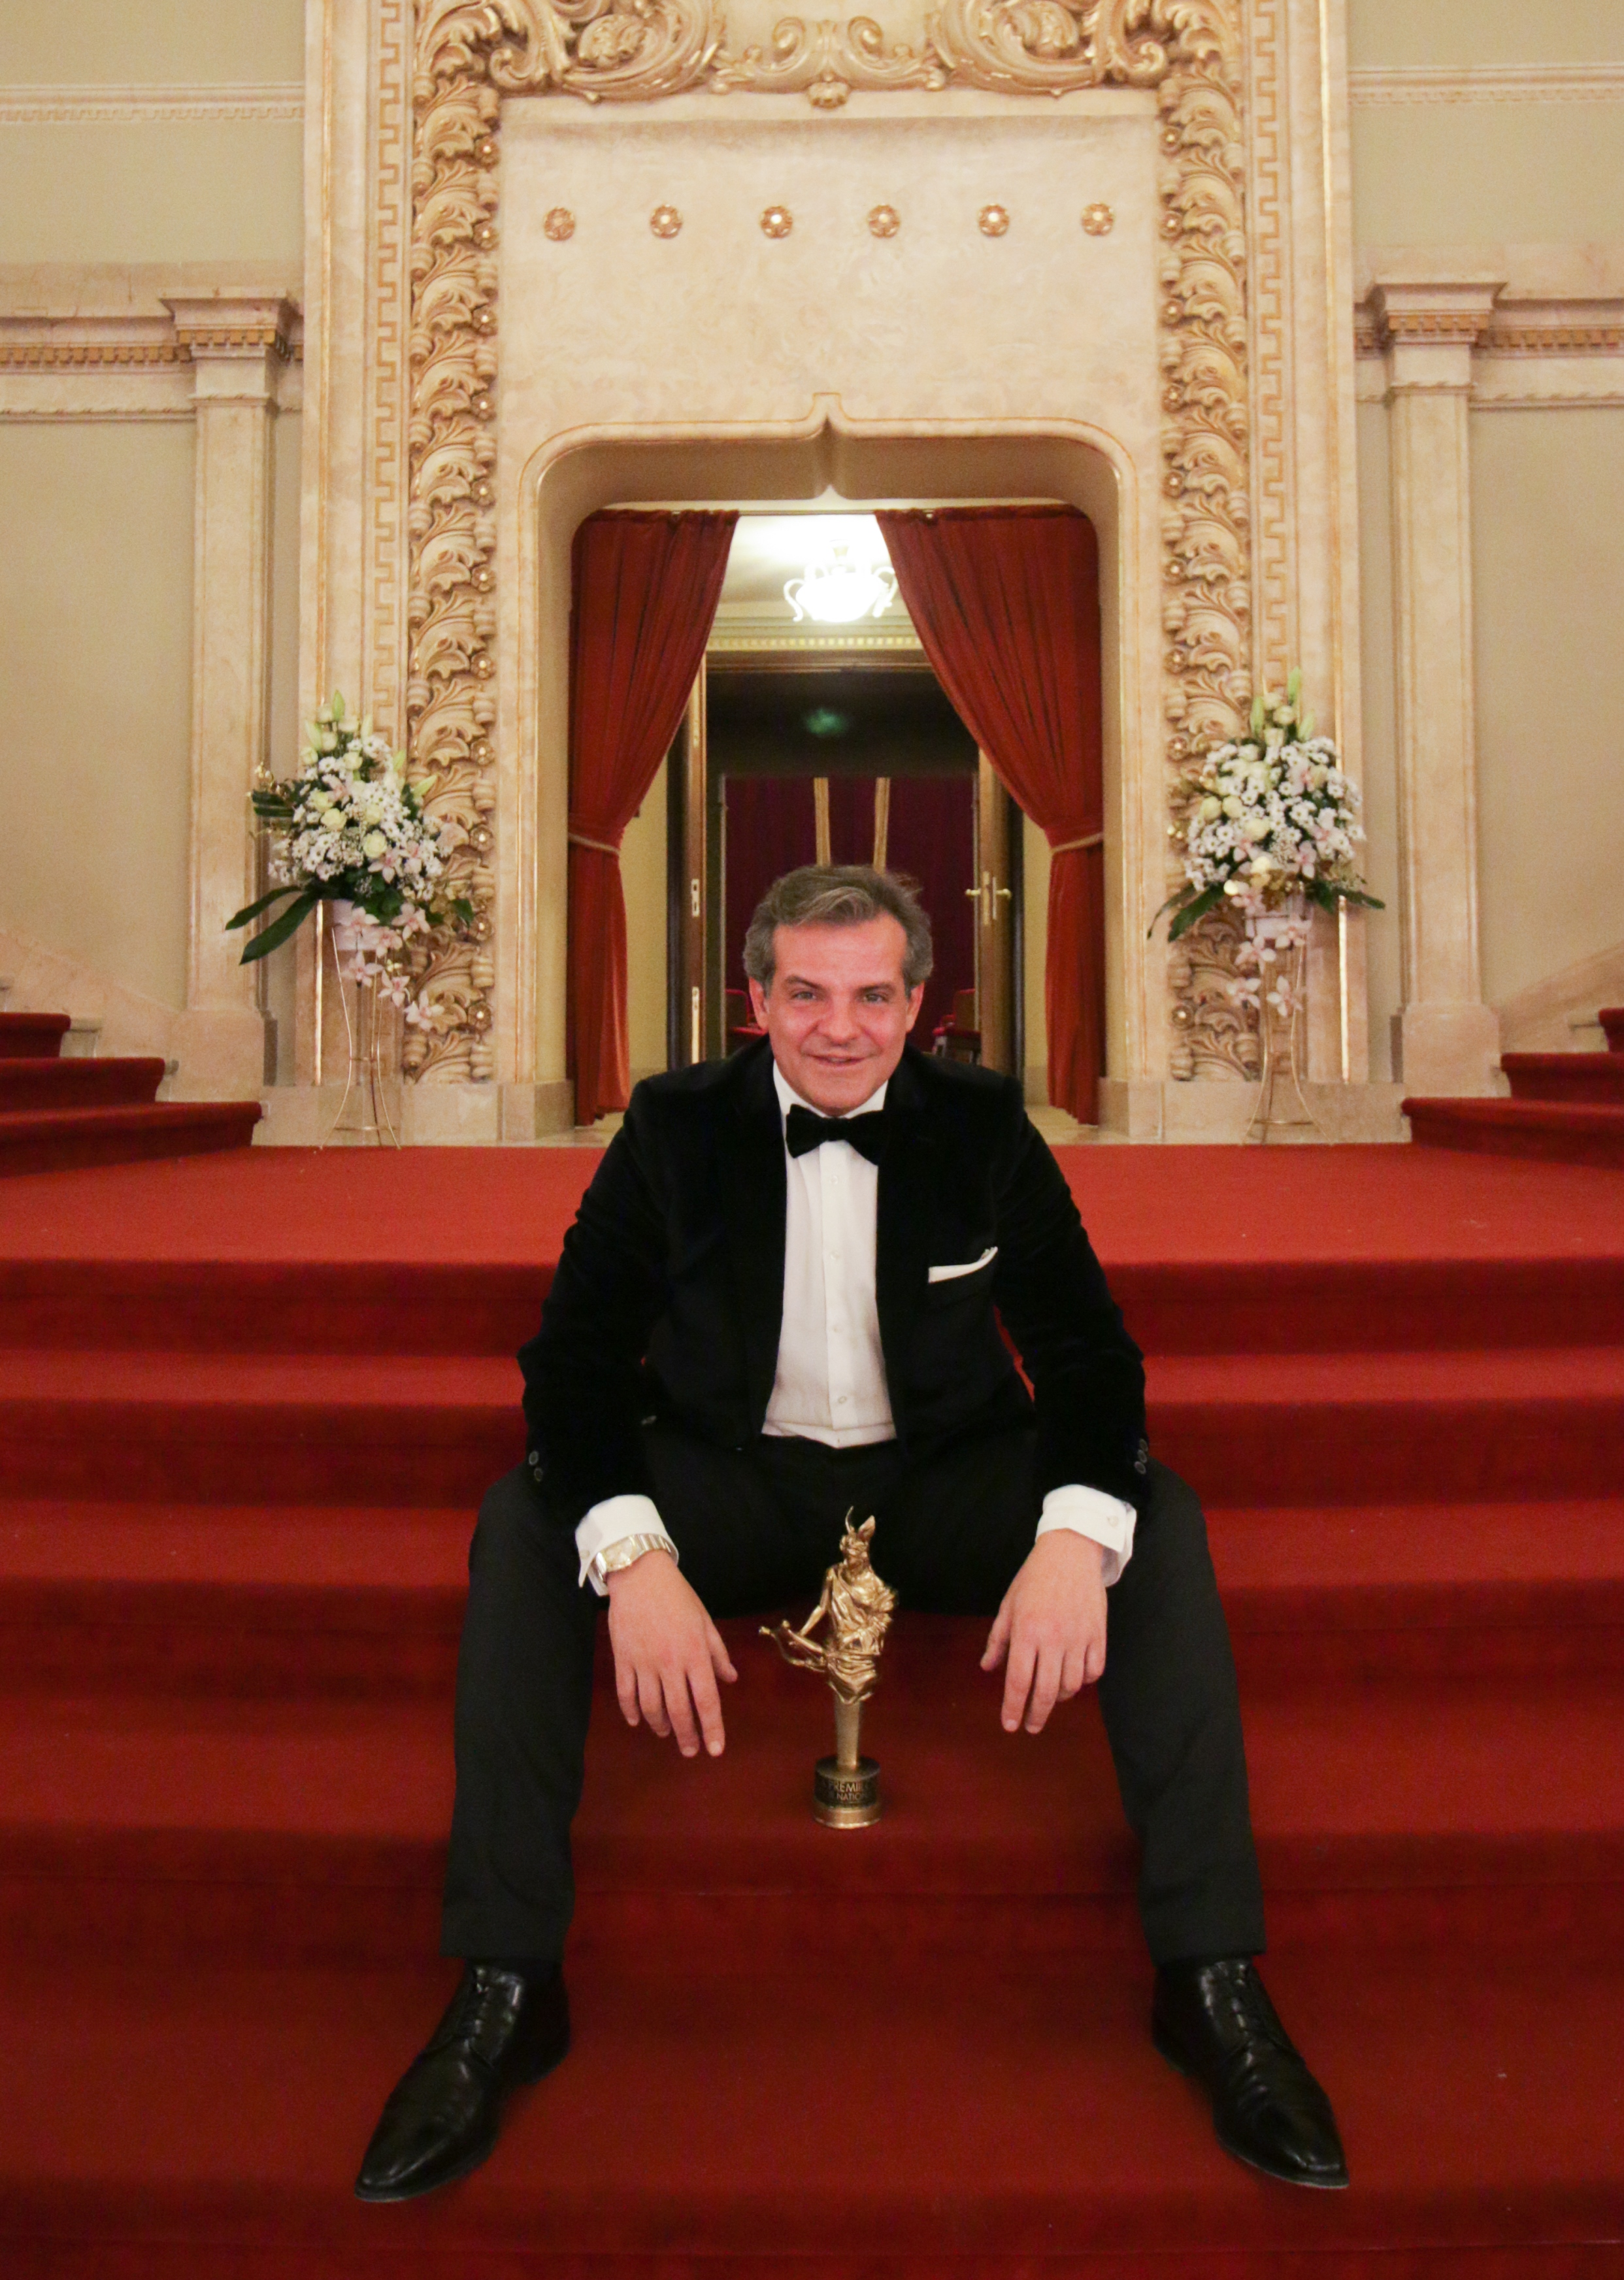 El coreógrafo Carlos Vilán con el premio recibido en la Ópera de Bucarest